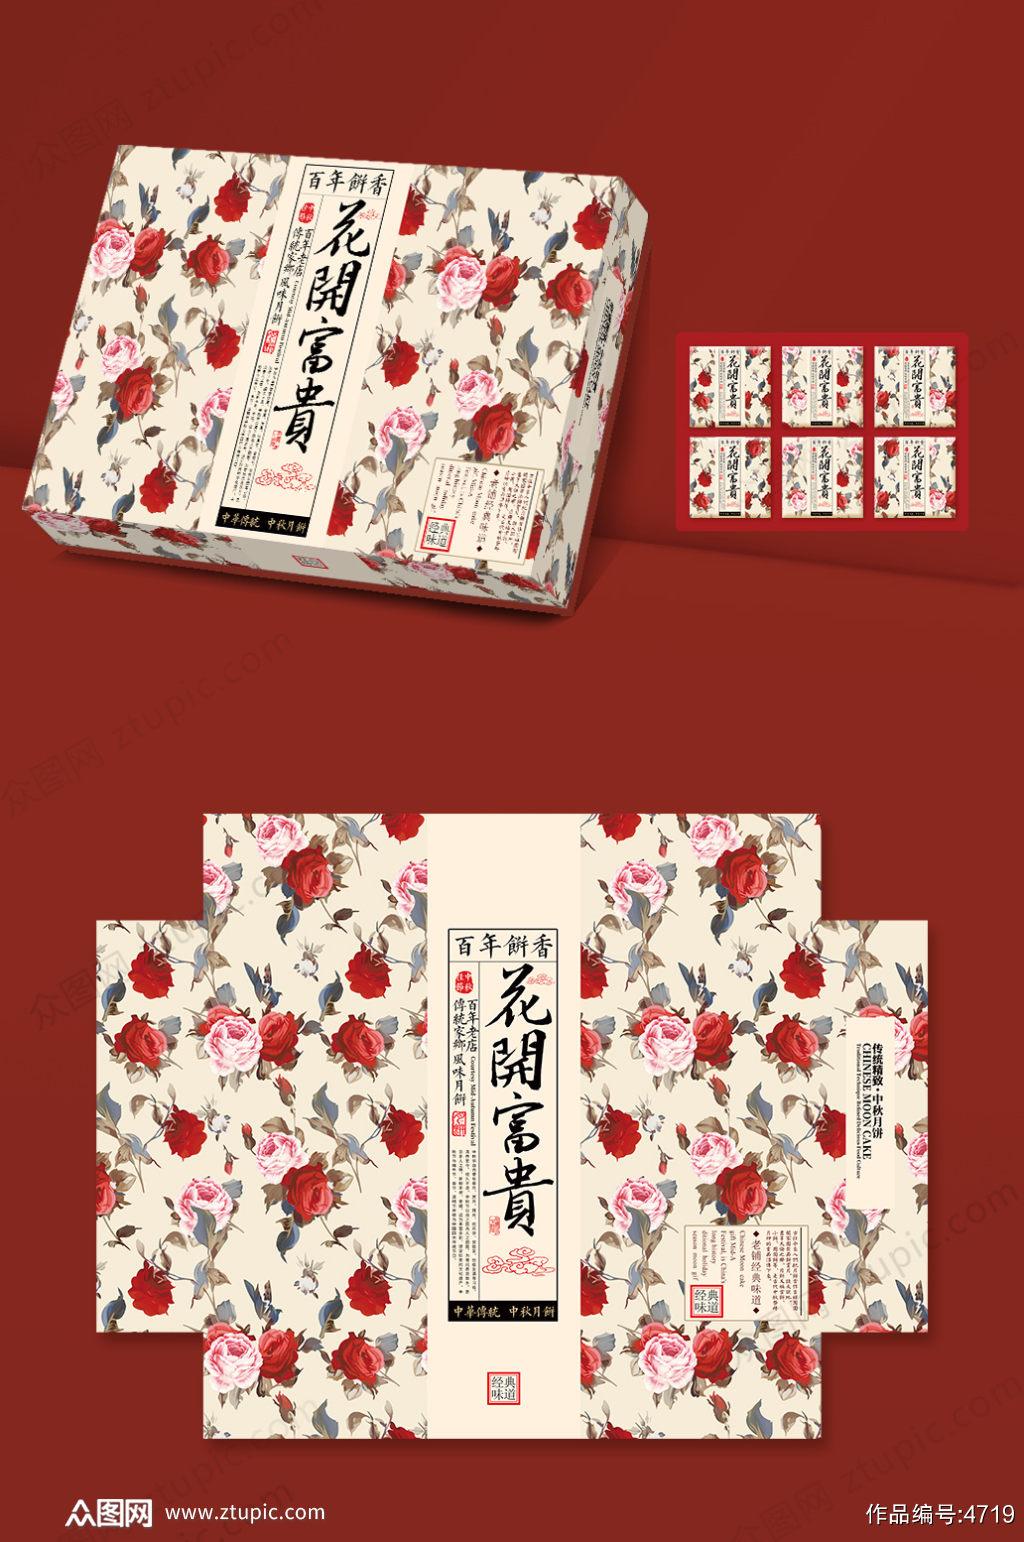 创意时尚花纹中秋礼盒包装月饼包装盒设计素材